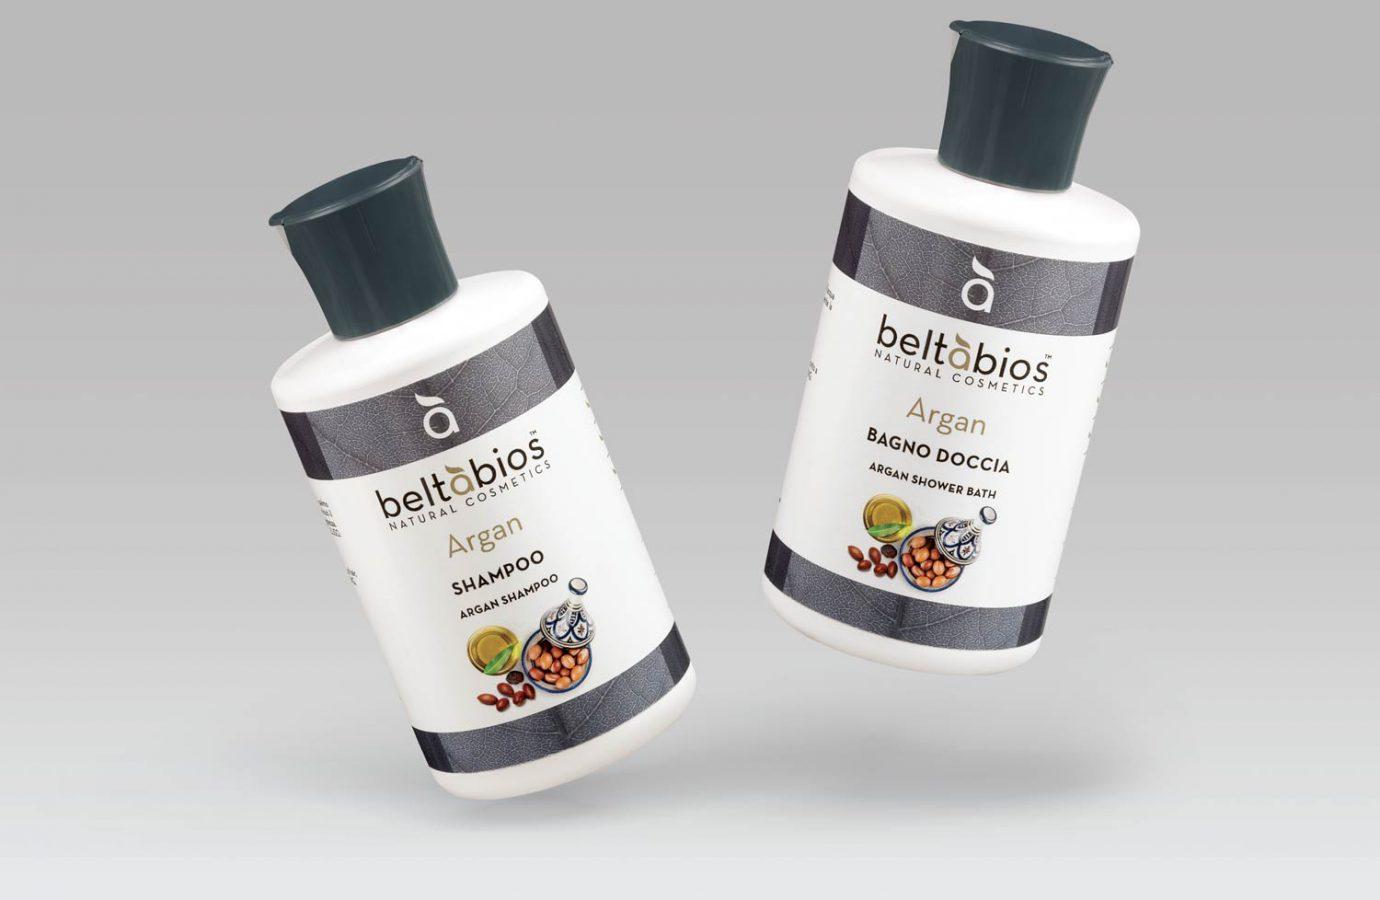 Packaging design di prodotti cosmetici naturali shampoo e bagno doccia Argan realizzato da WillBe